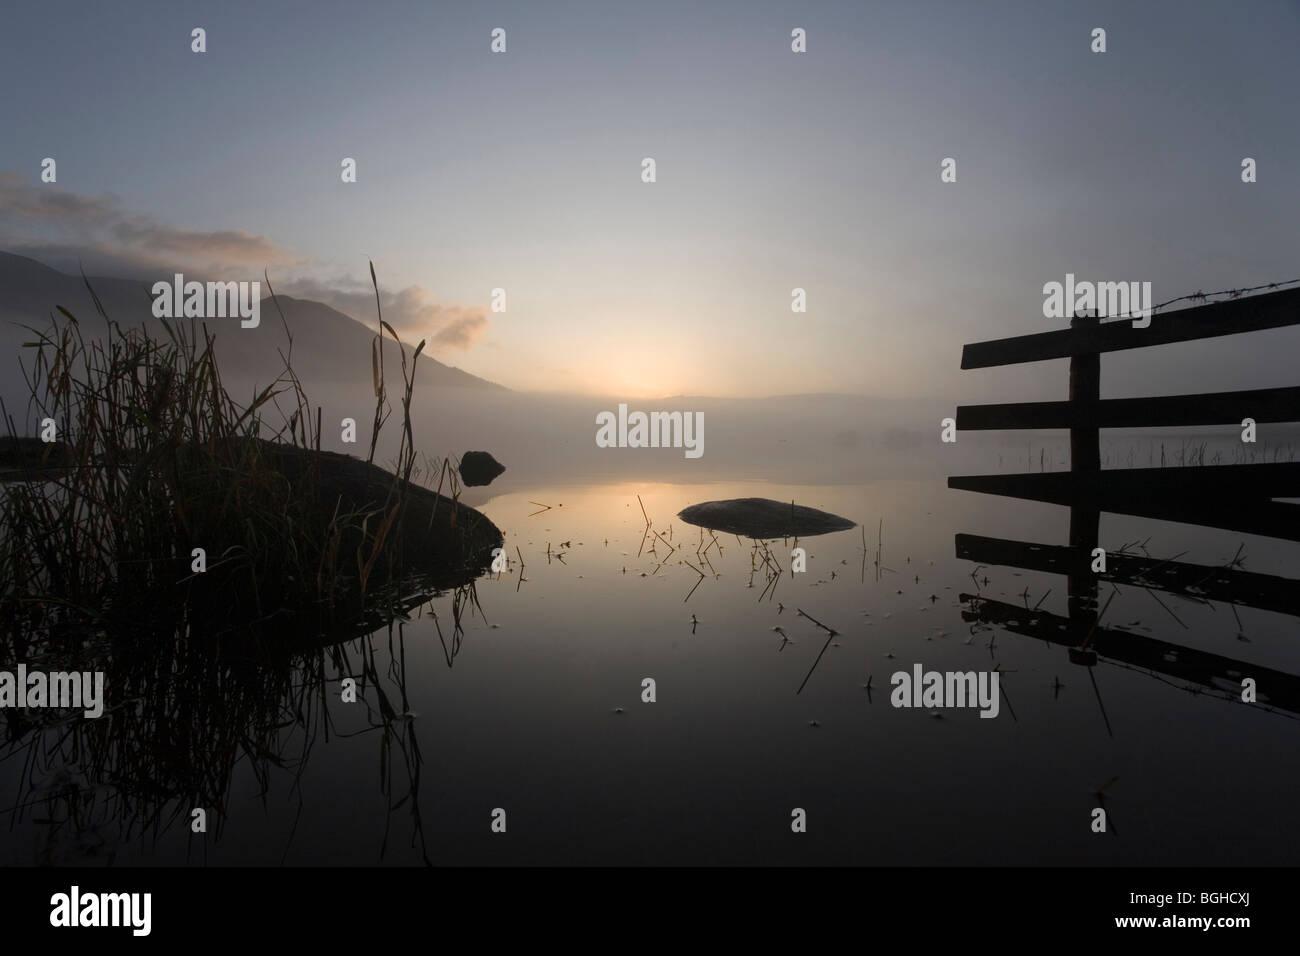 Bassenthwaite Lake, Cumbria, England - Stock Image